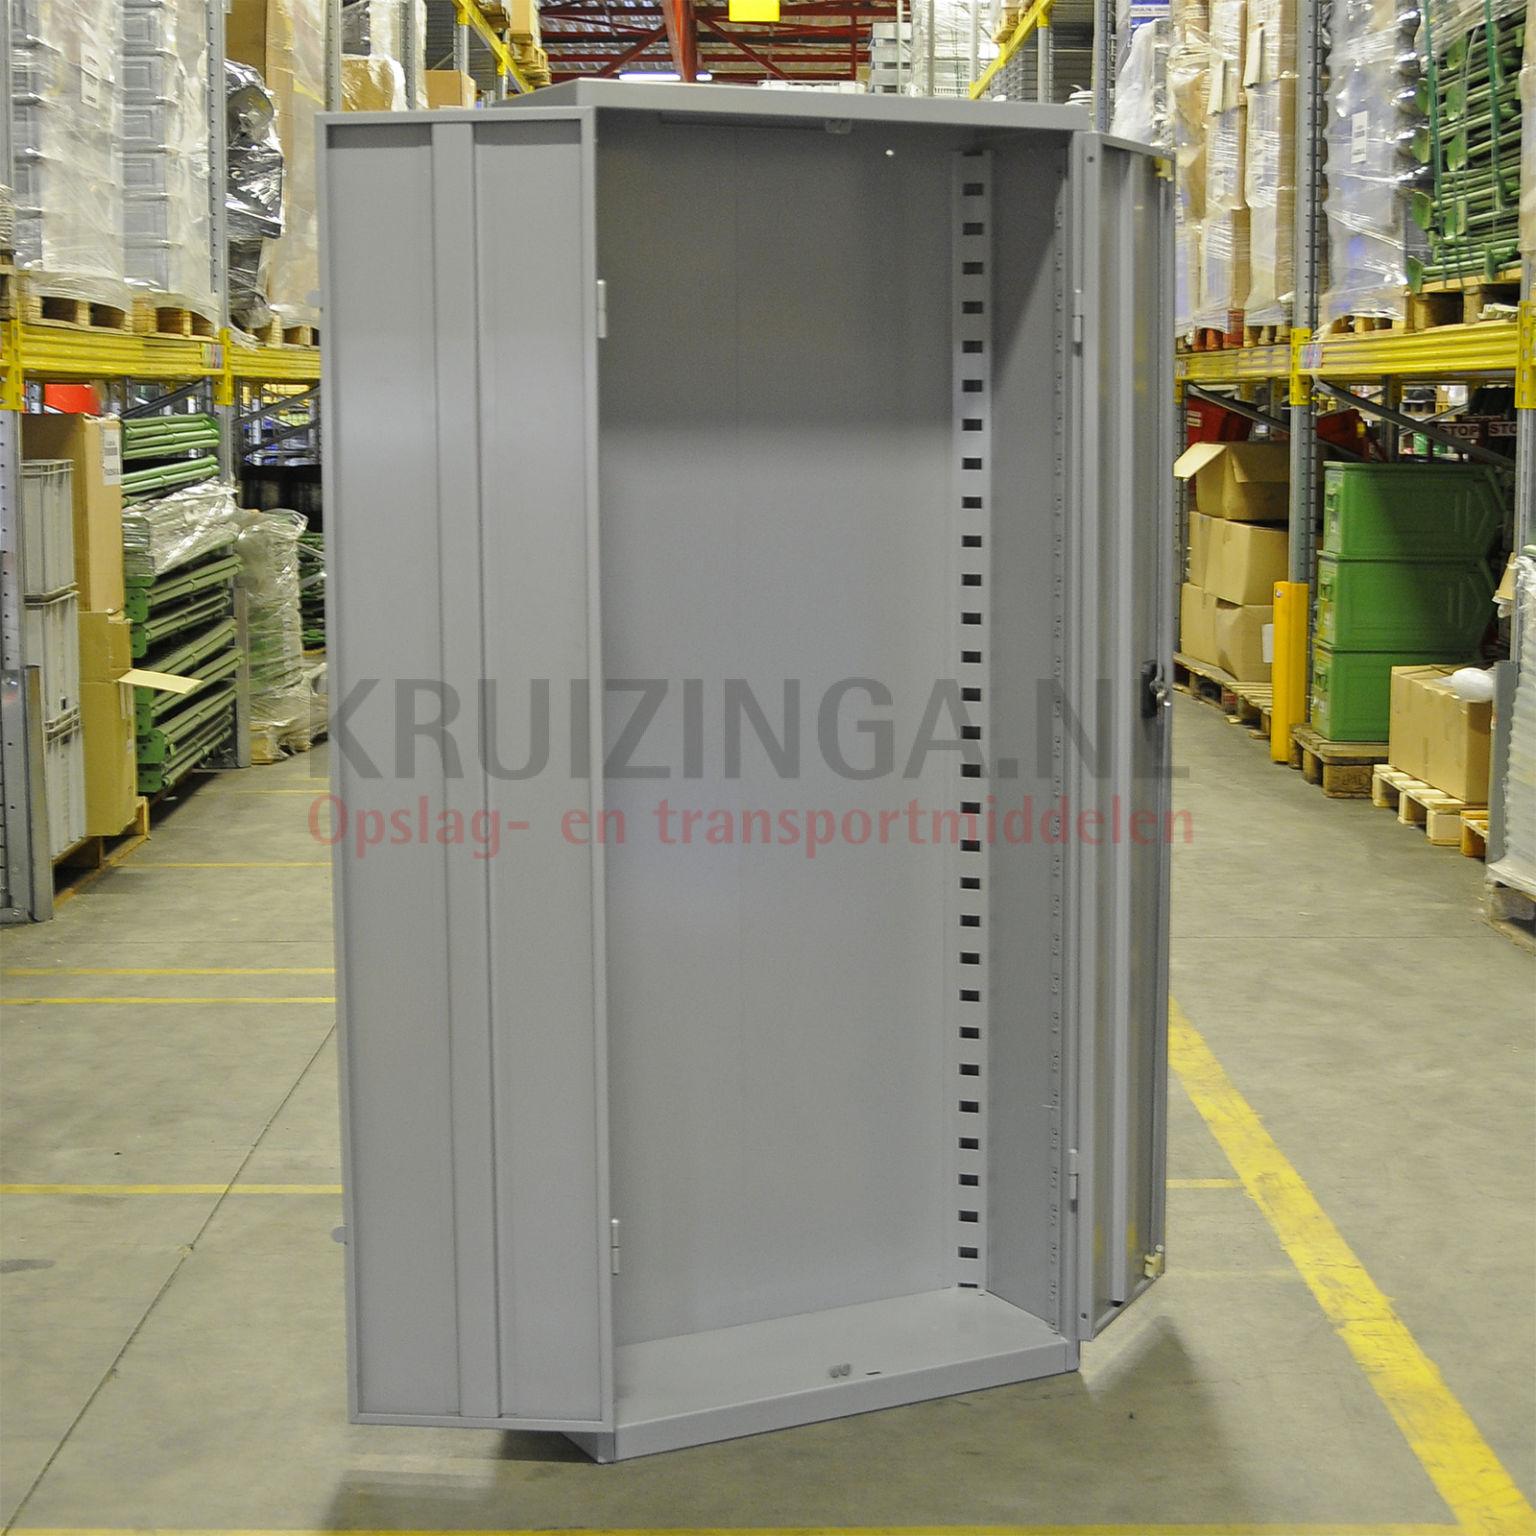 armoire bo tes armoire 2 portes occasion 452 50 frais de livraison inclus. Black Bedroom Furniture Sets. Home Design Ideas